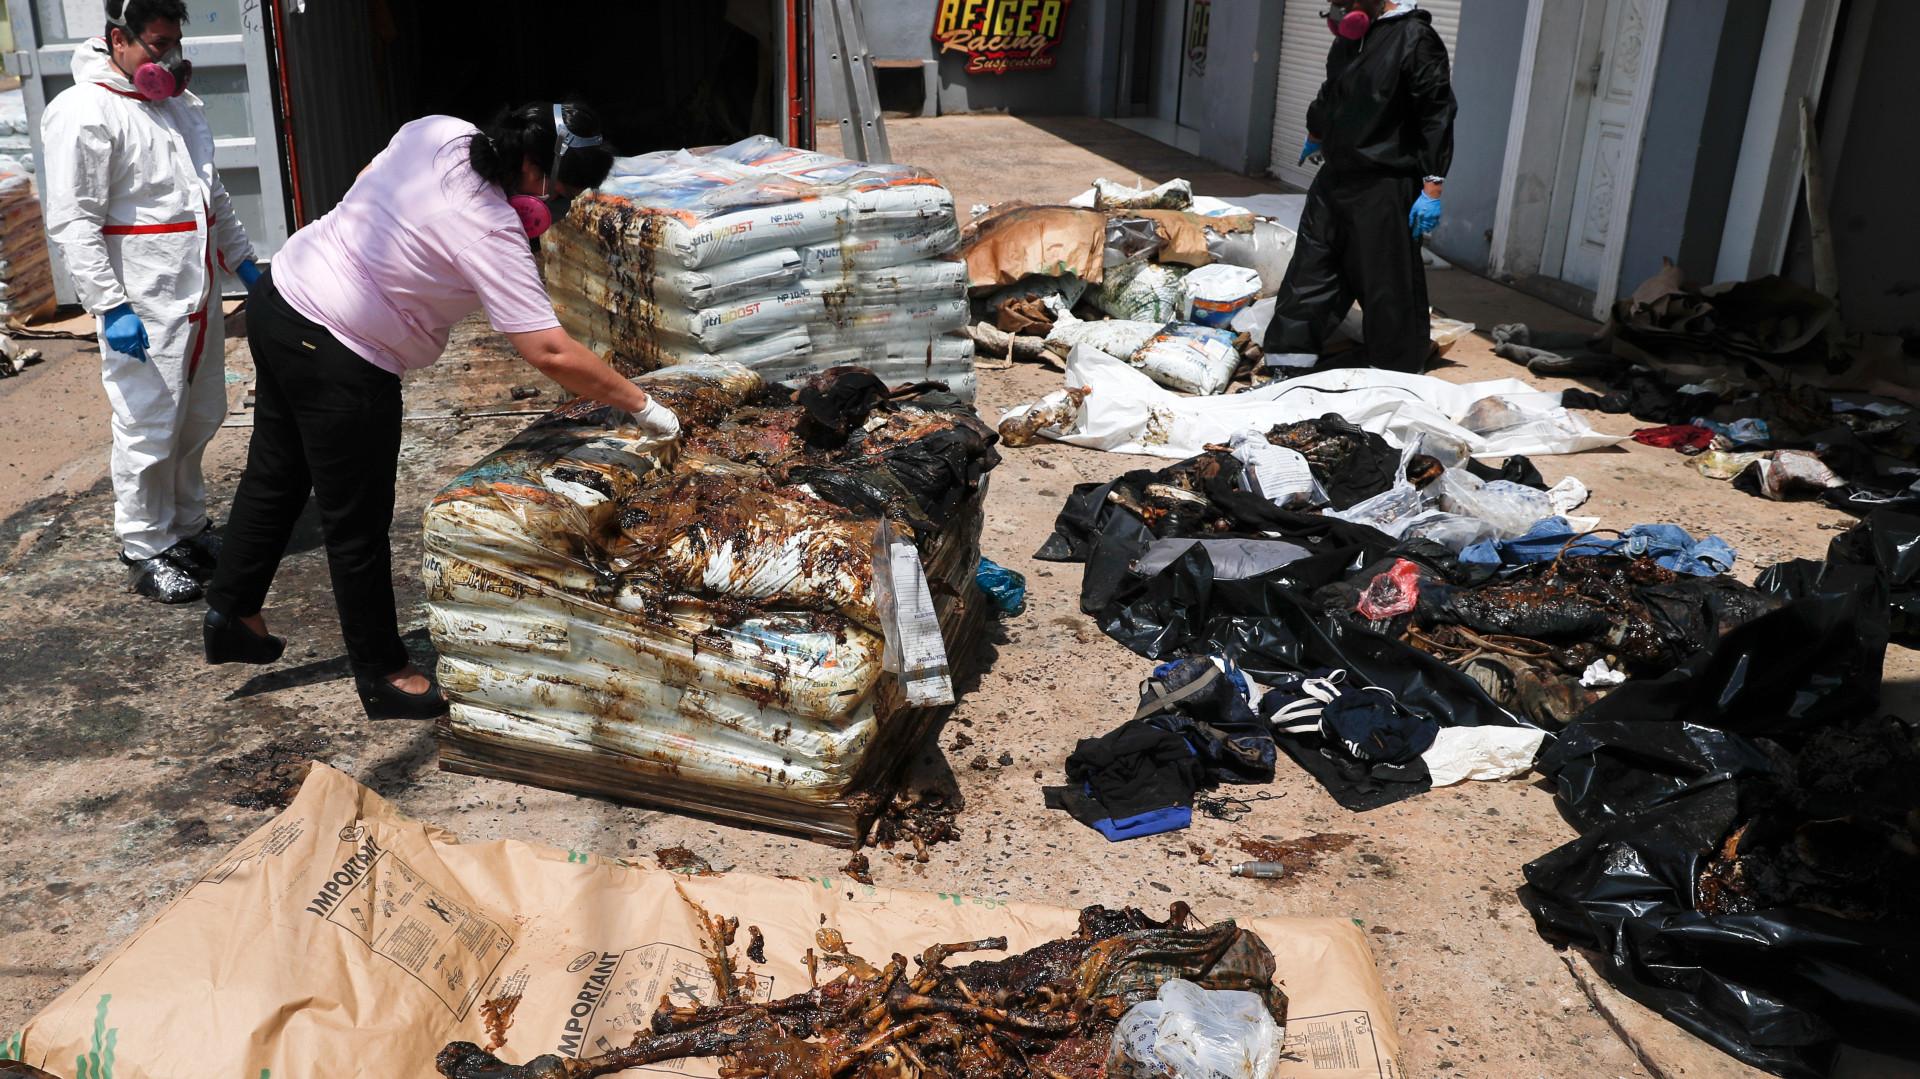 Sedam tela u pošiljci iz Srbije pronađeno u Paragvaju 2